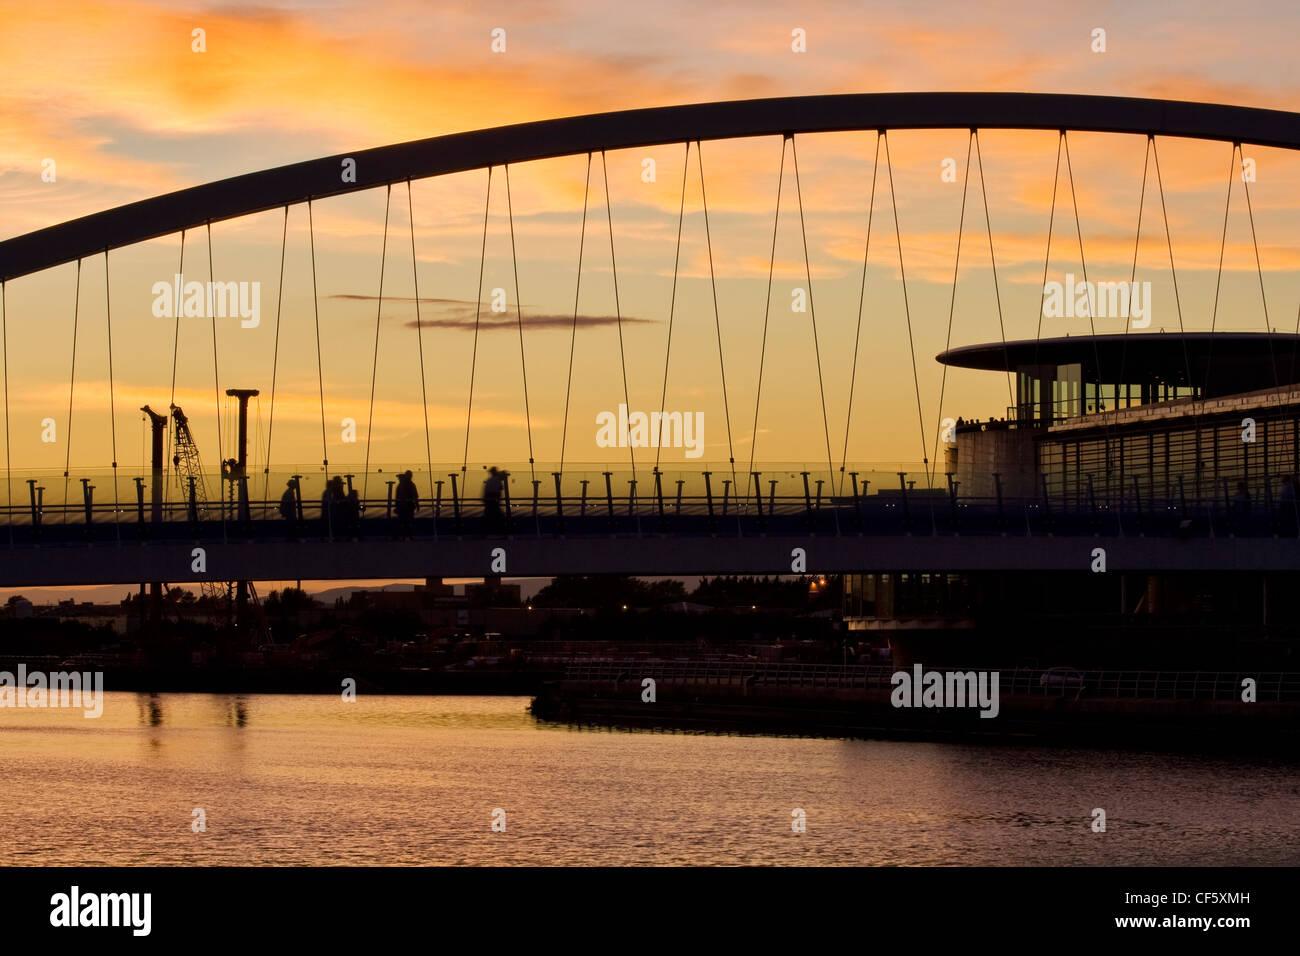 Outline of Salford Quays Millennium Bridge at sunset. - Stock Image